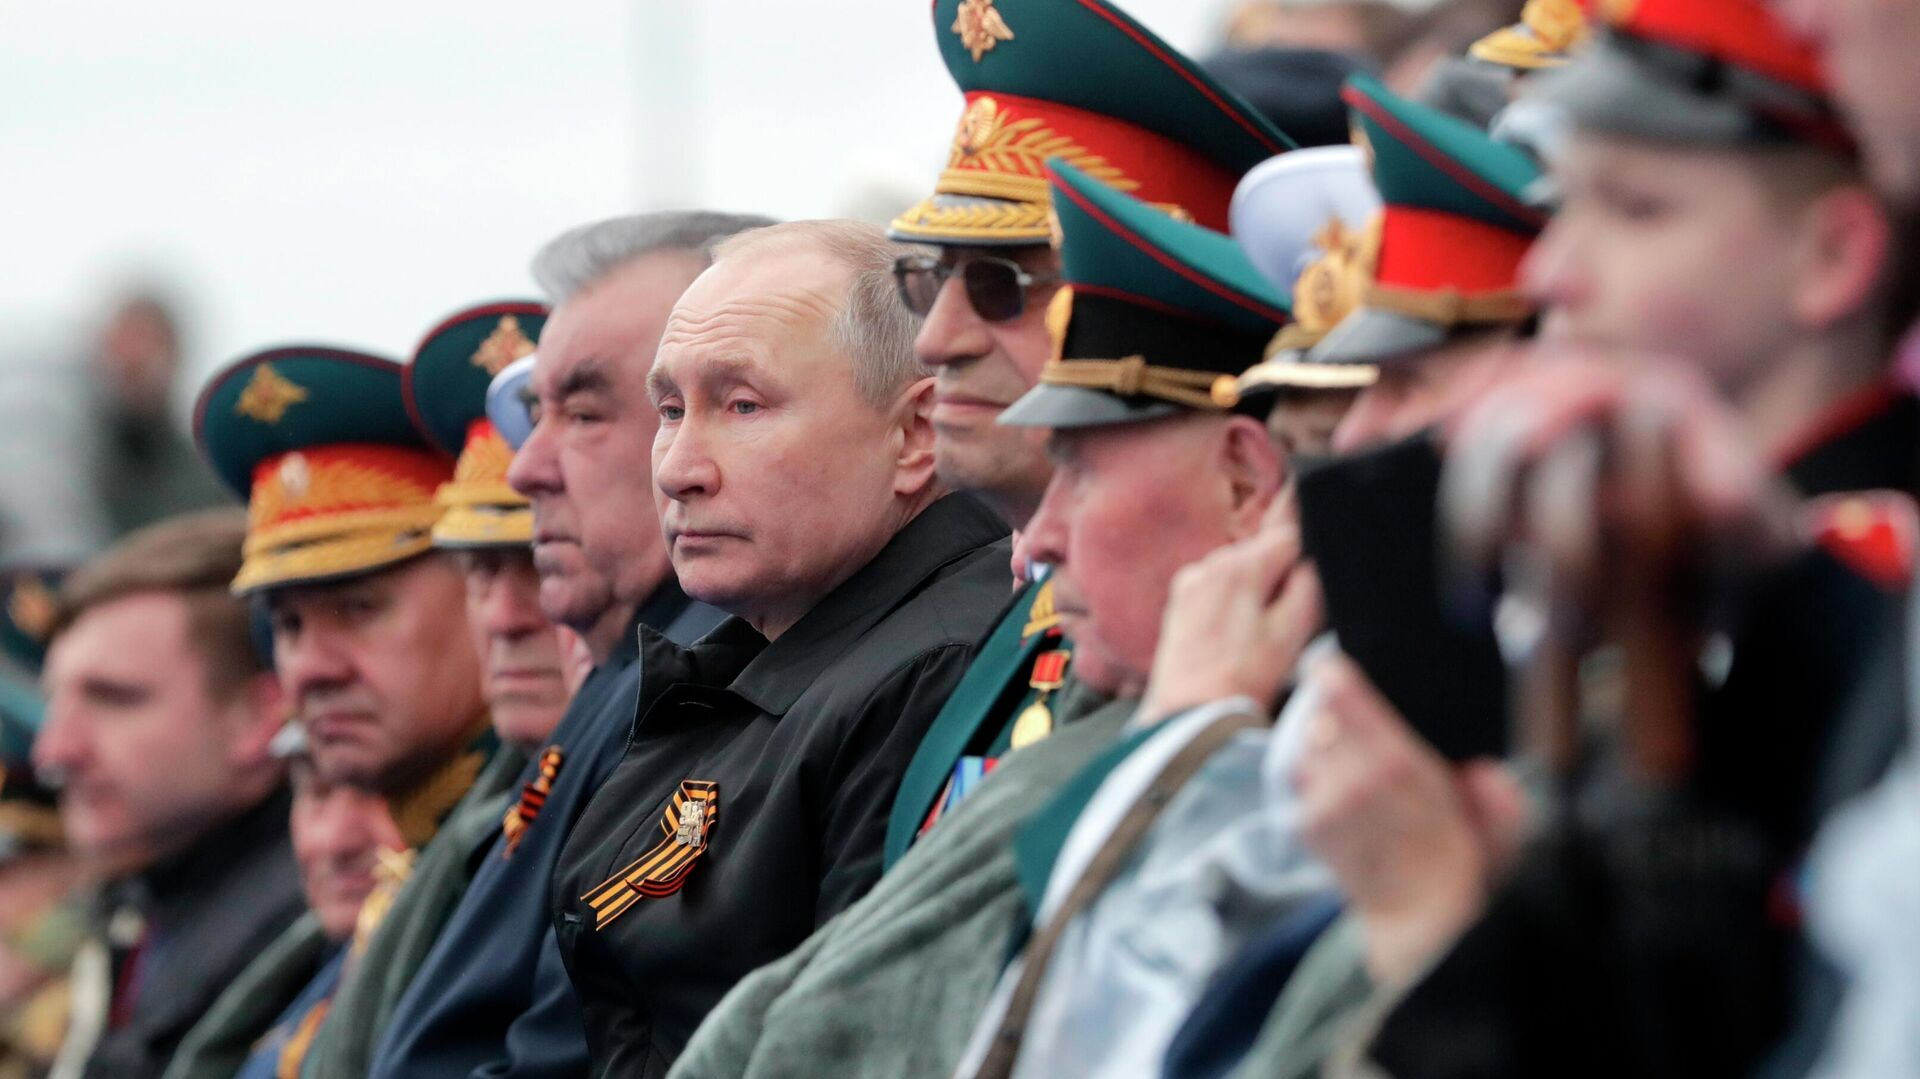 Президент РФ В. Путин на военном параде в честь 76-й годовщины Победы в ВОВ - Sputnik Таджикистан, 1920, 09.05.2021